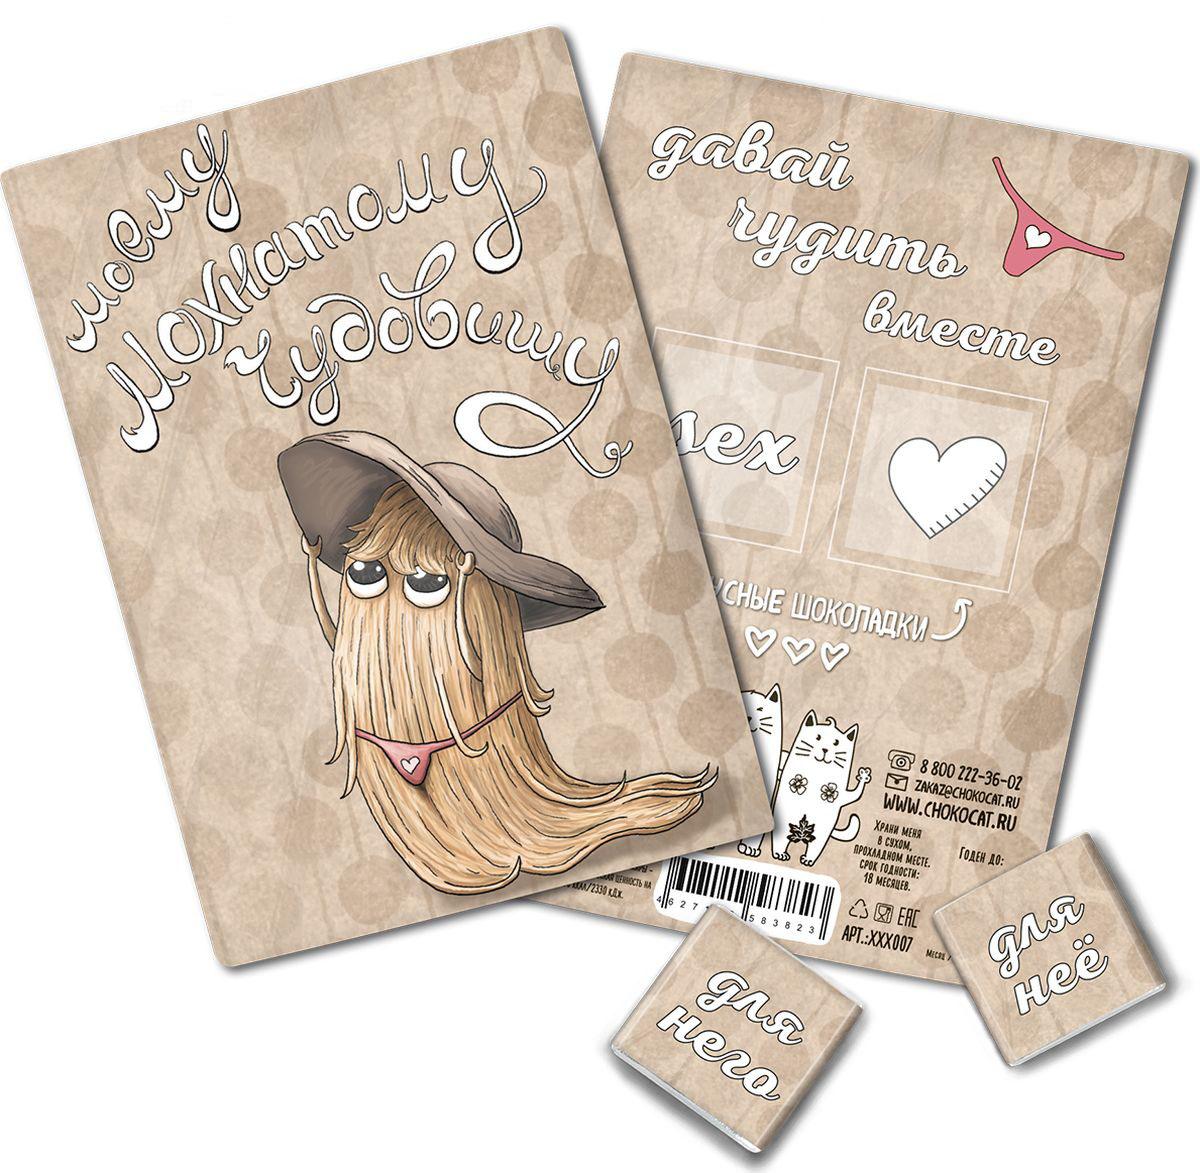 Chokocat Моему чудовищу (девочке) открытка, 10 г chokocat могучий кот молочный шоколад 50 г